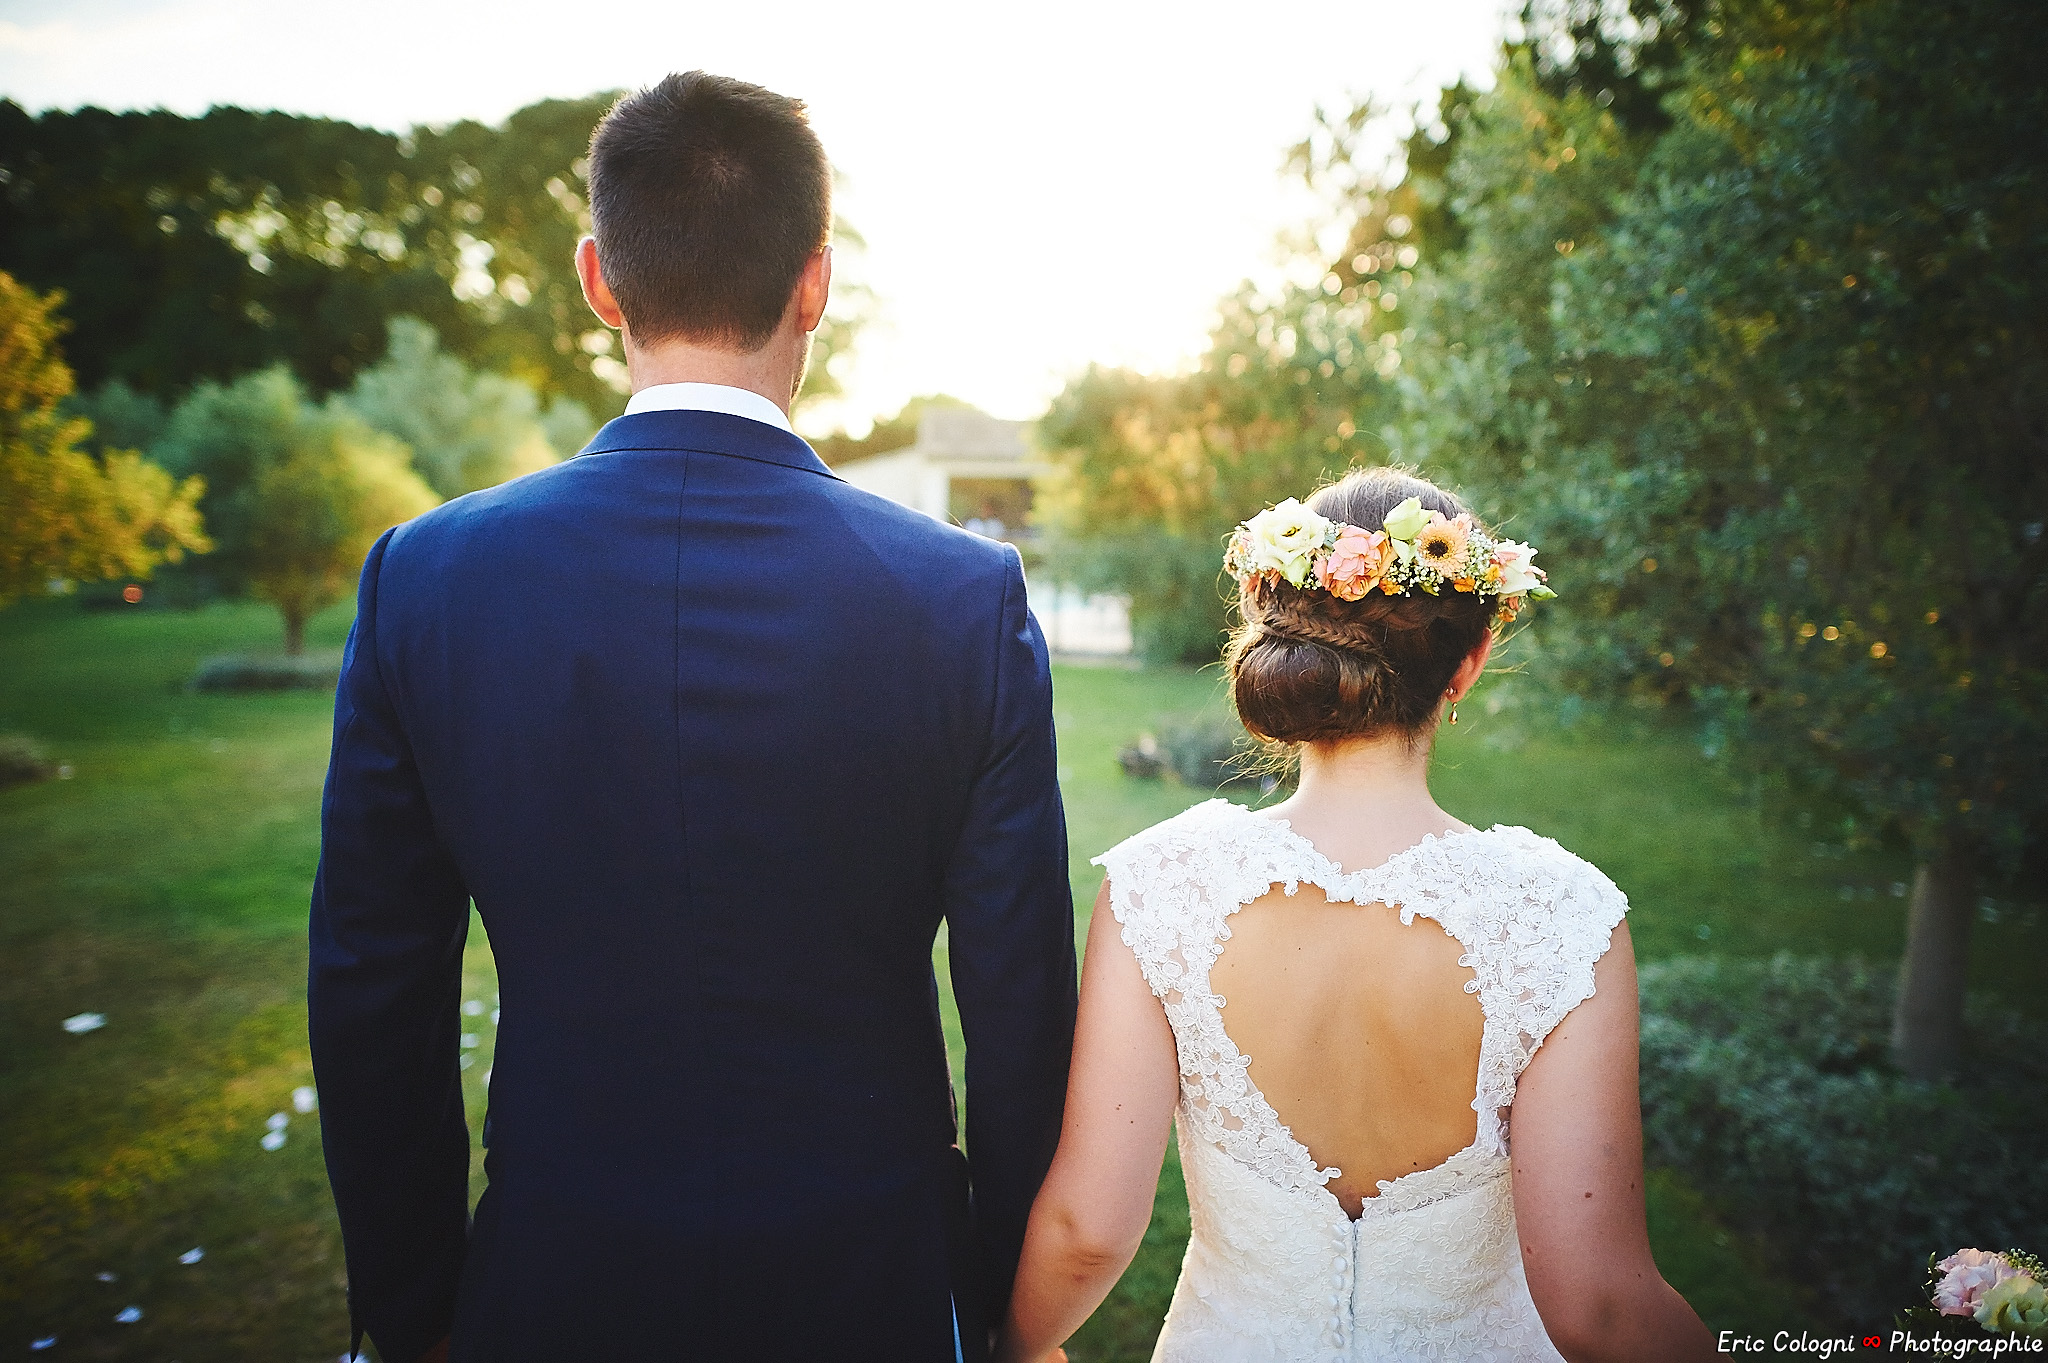 Liste de mariage Printemps - Zankyou | La Mariée Sous Les Etoiles